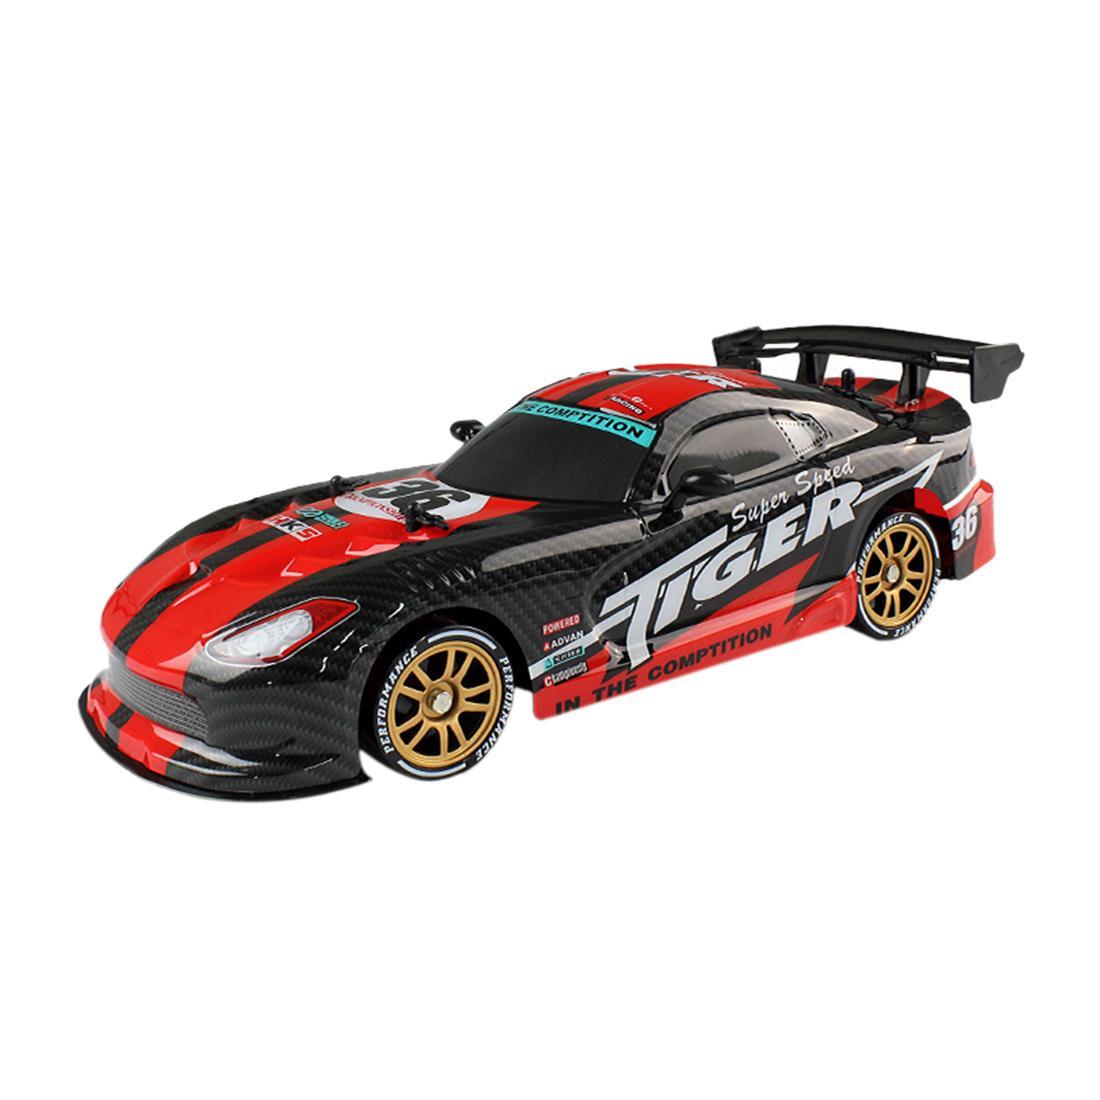 TAAIW C1 2.4G 1:16 4-Wheel Drive Controle Remoto Drift Racing Simulado Toy Tyre para Crianças - Vermelho / Azul